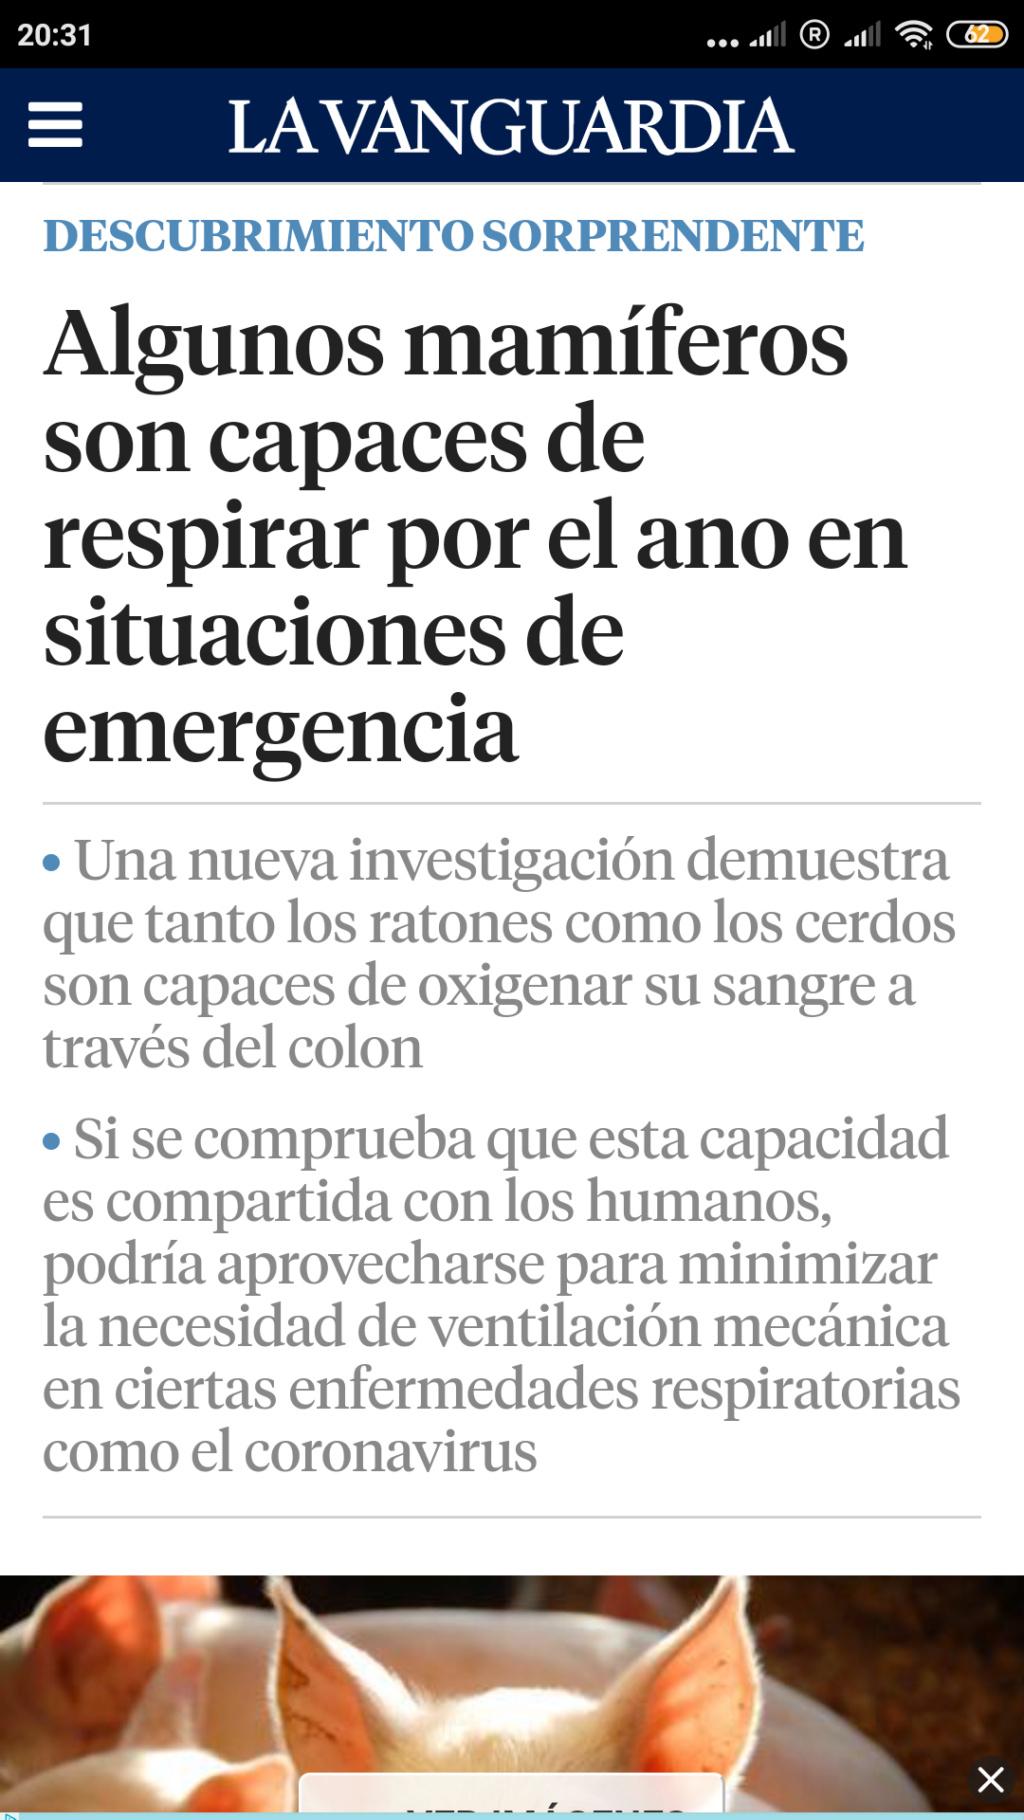 NOTICIAS QUE NO SON DEL MUNDO TODAY PERO CASI - Página 4 Screen12